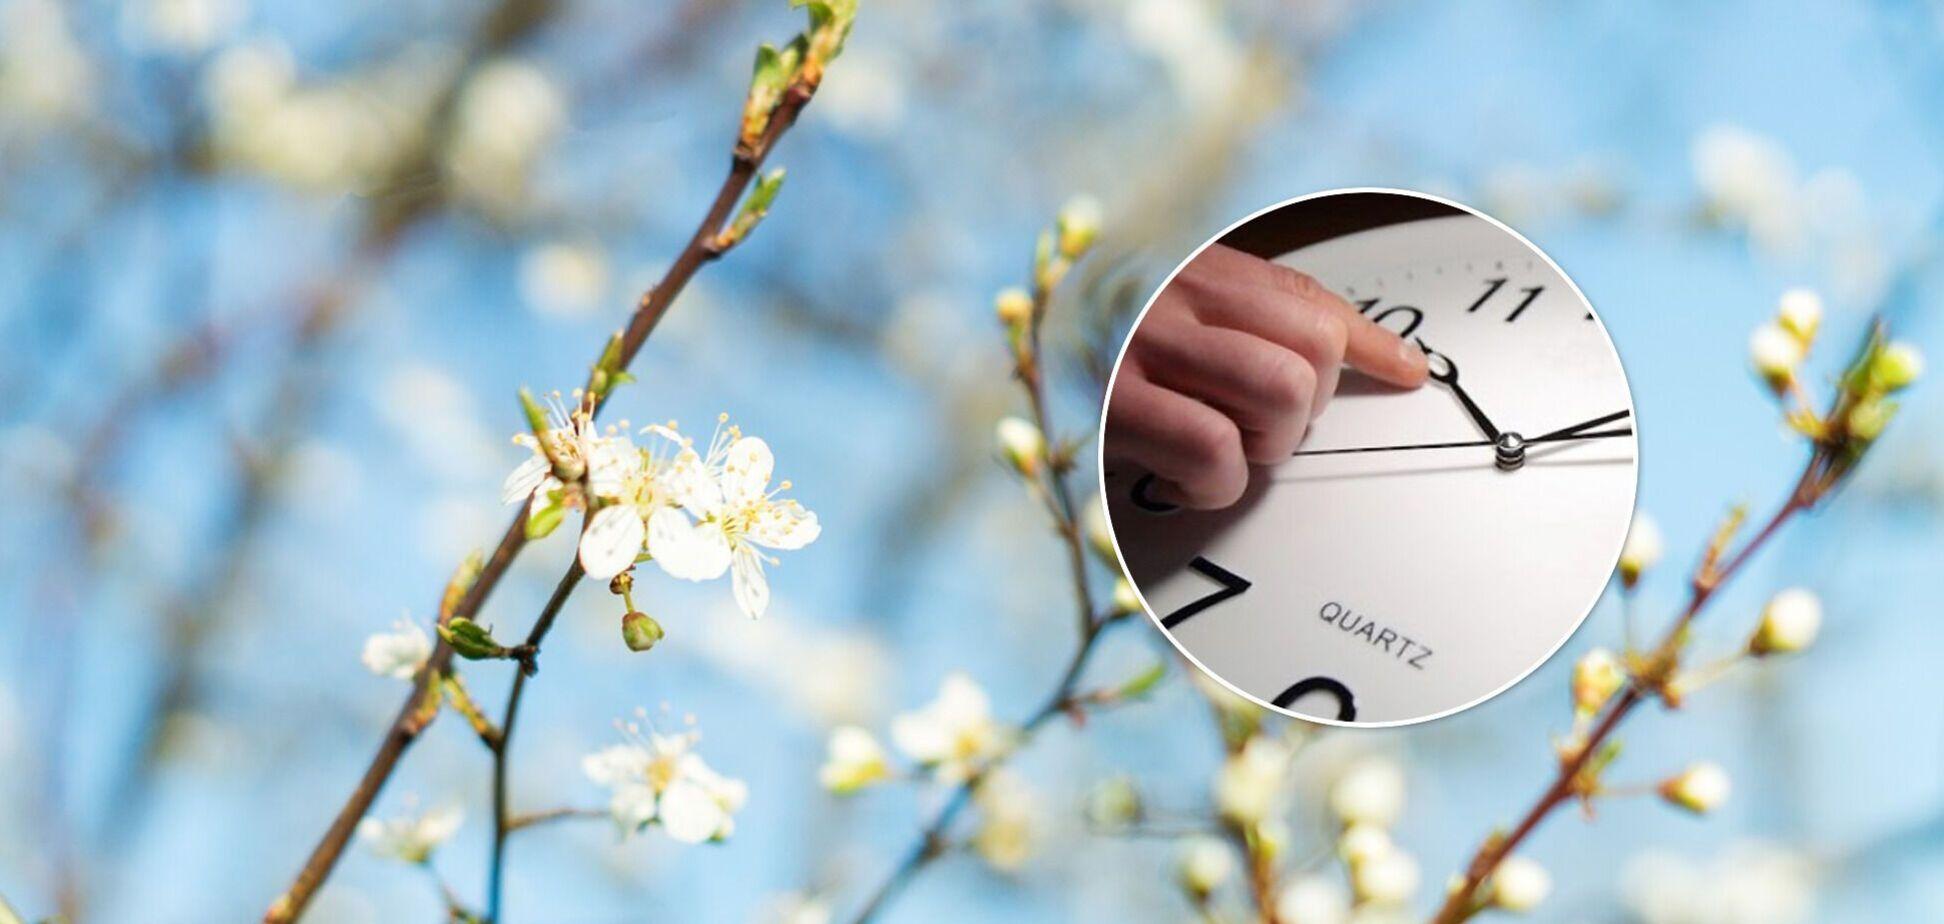 Переведення годинника провалили: за яким часом будуть жити українці